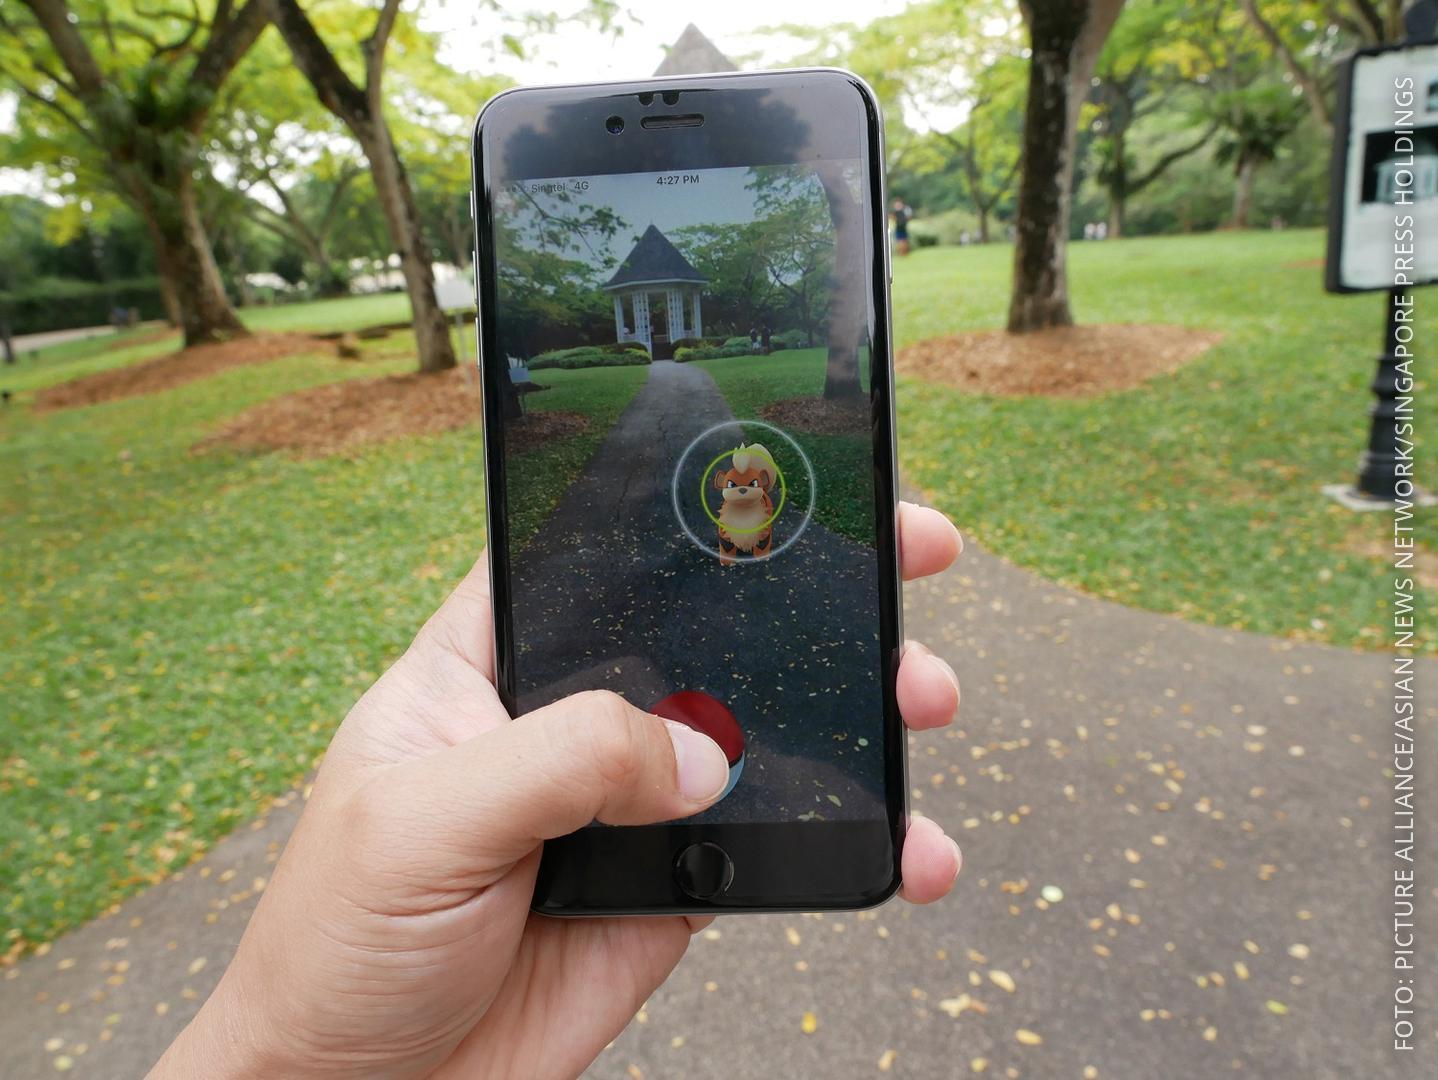 Smartphone mit Pokemon Go-App